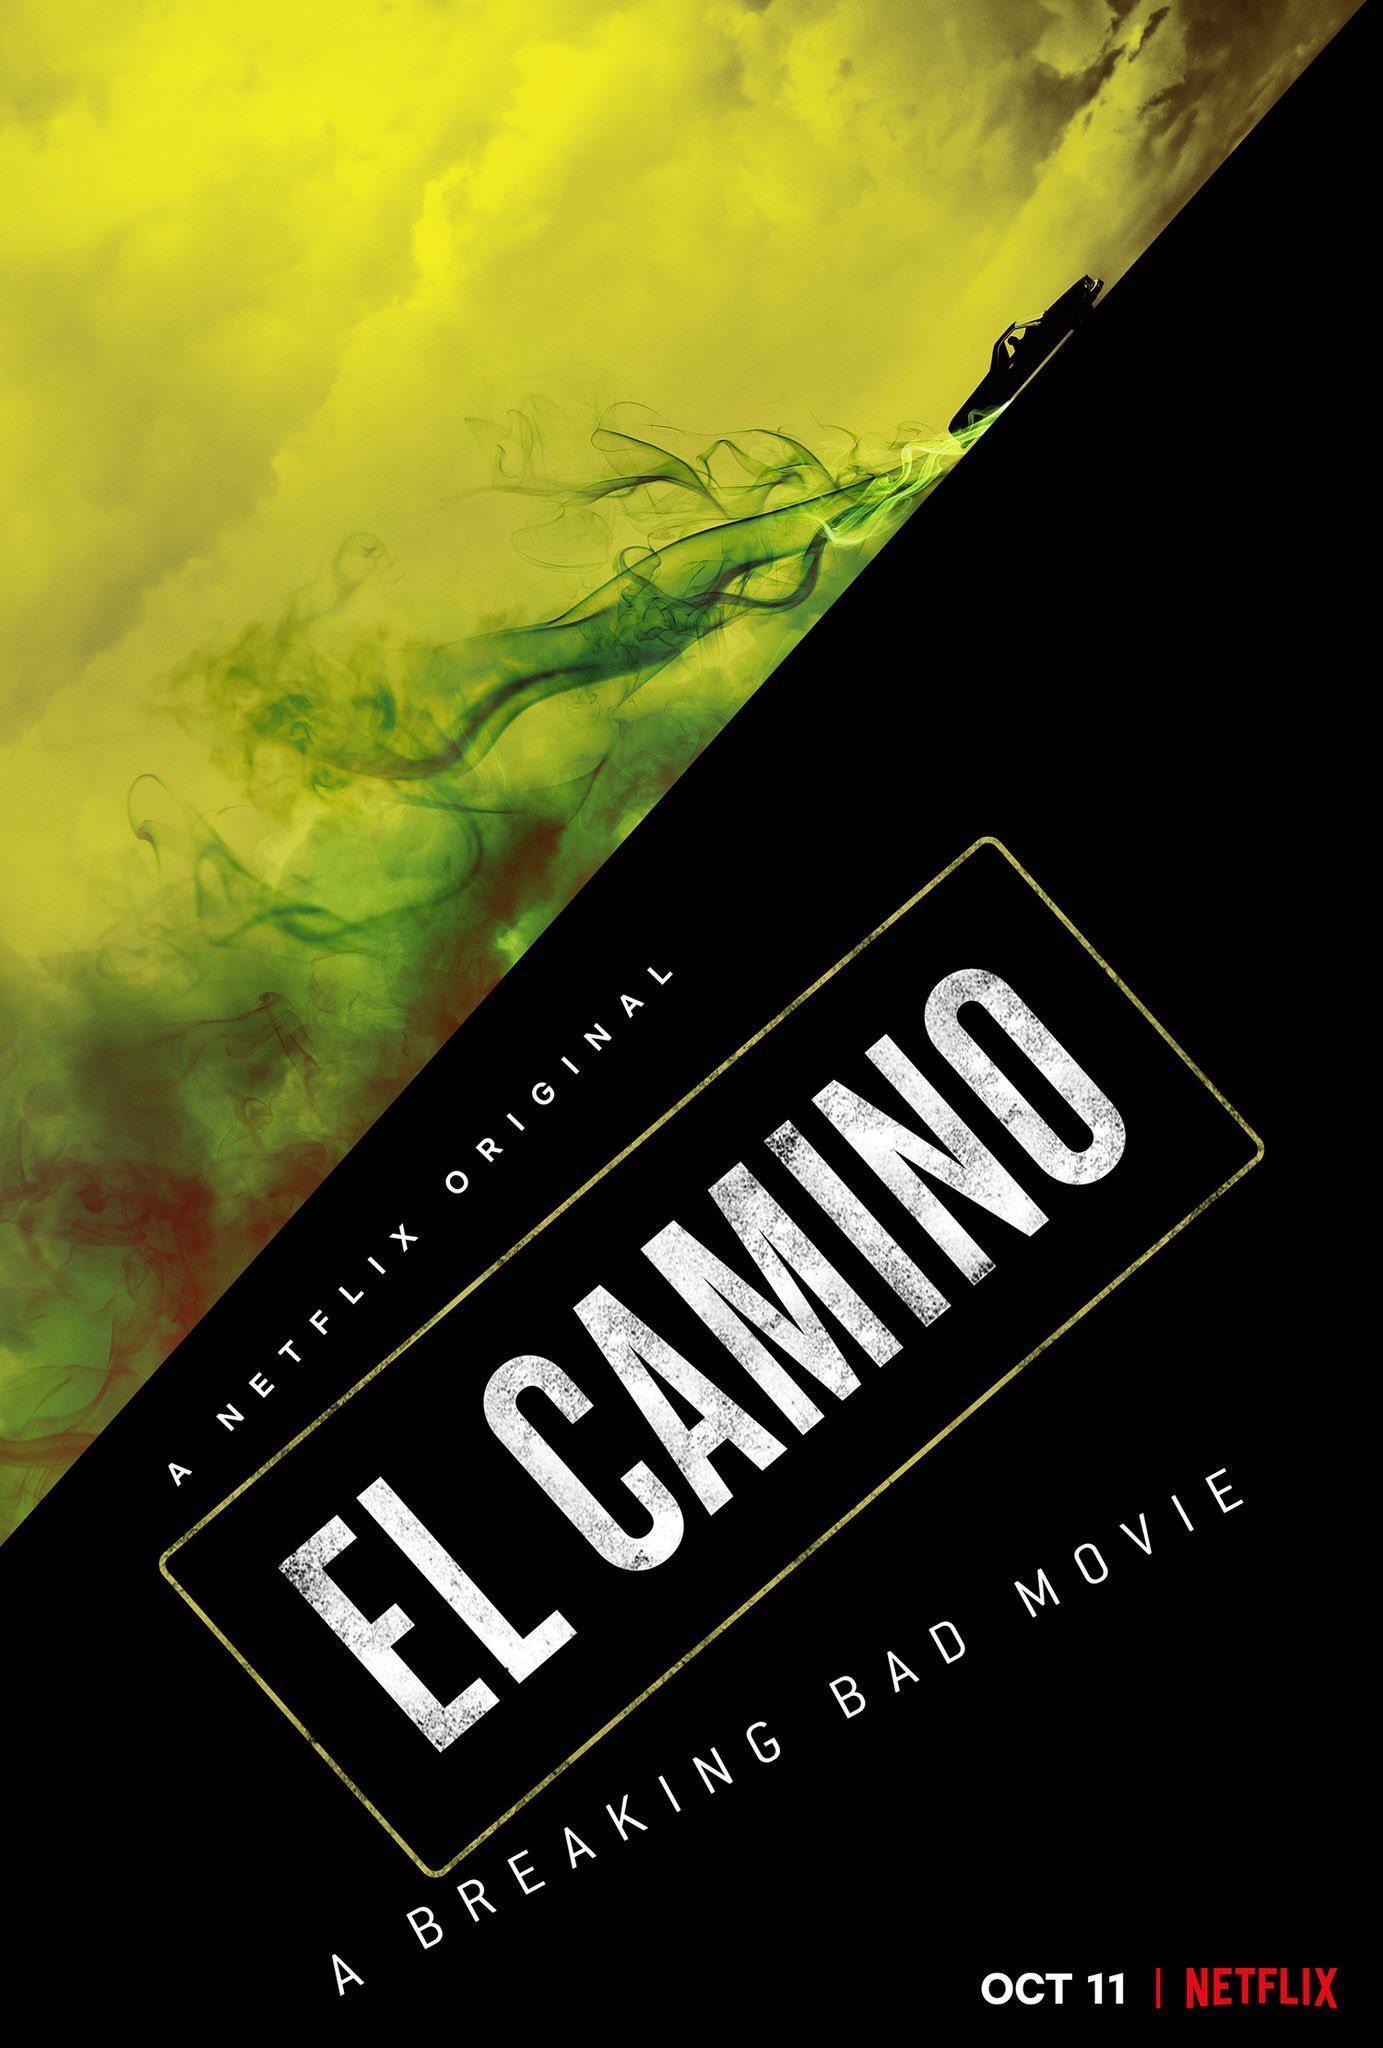 El Camino - Vince Gilligan